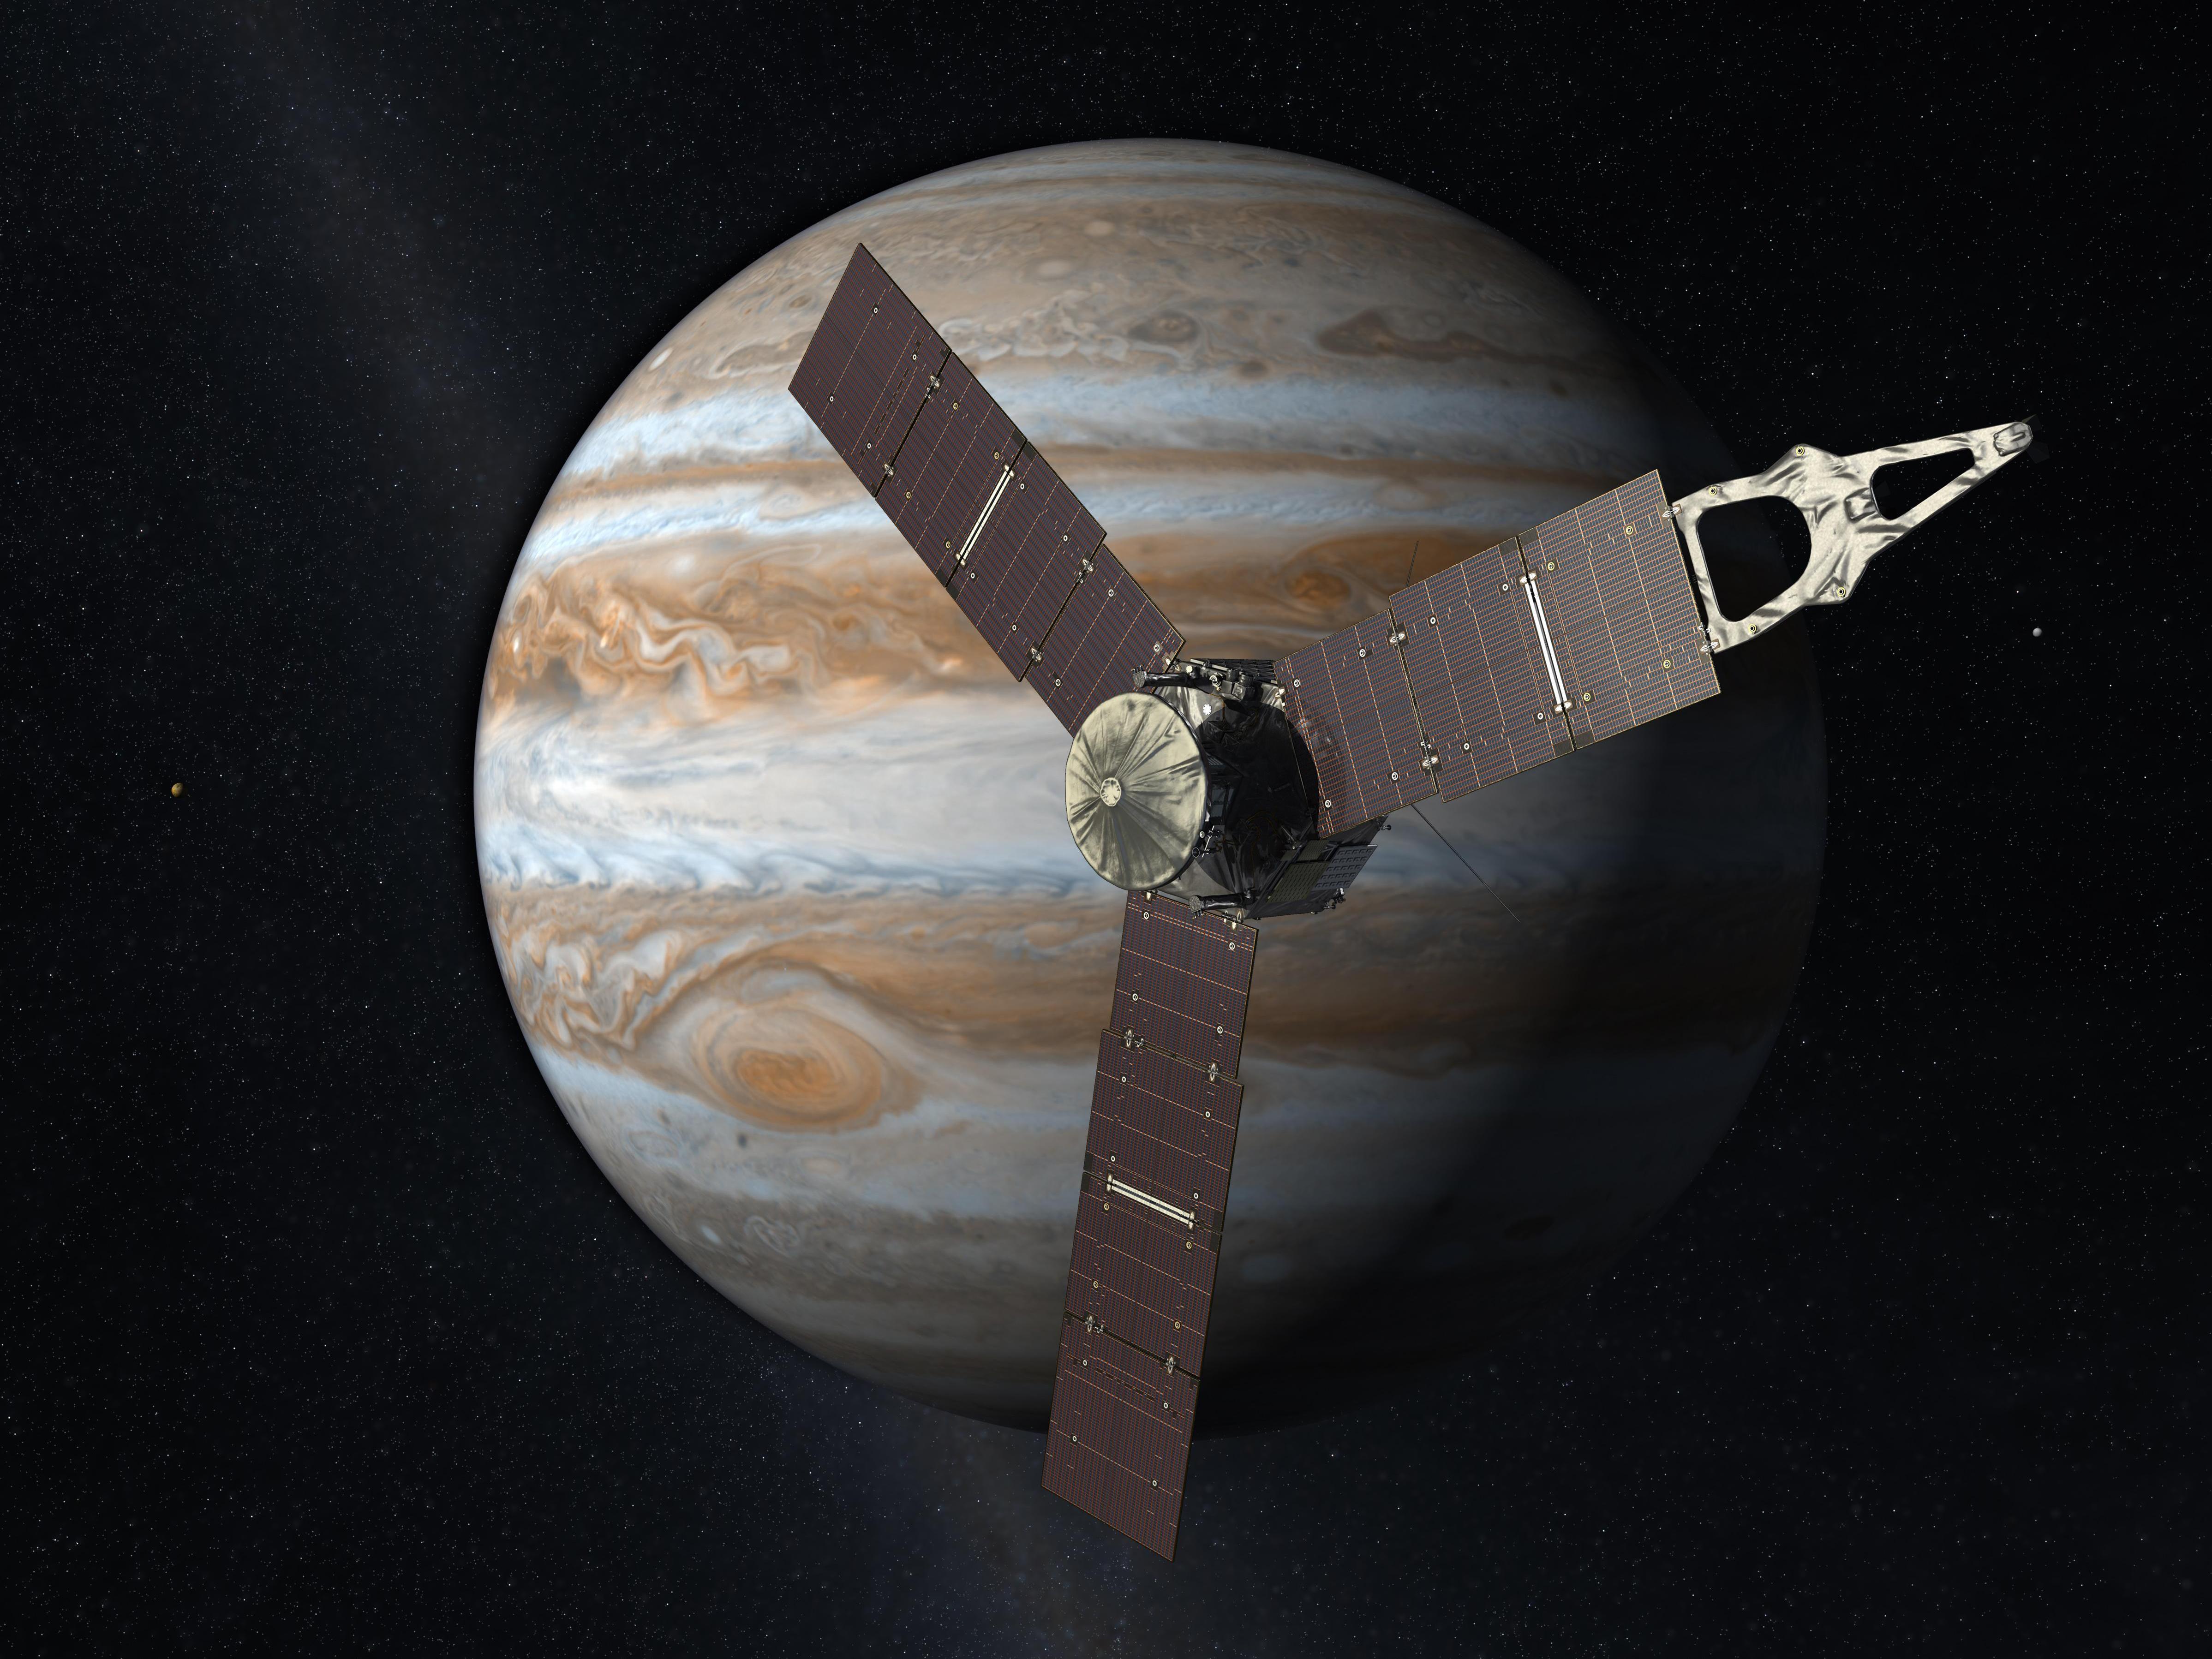 미국항공우주국(NASA)이 그린 목성과 주노의 상상도.NASA 제공